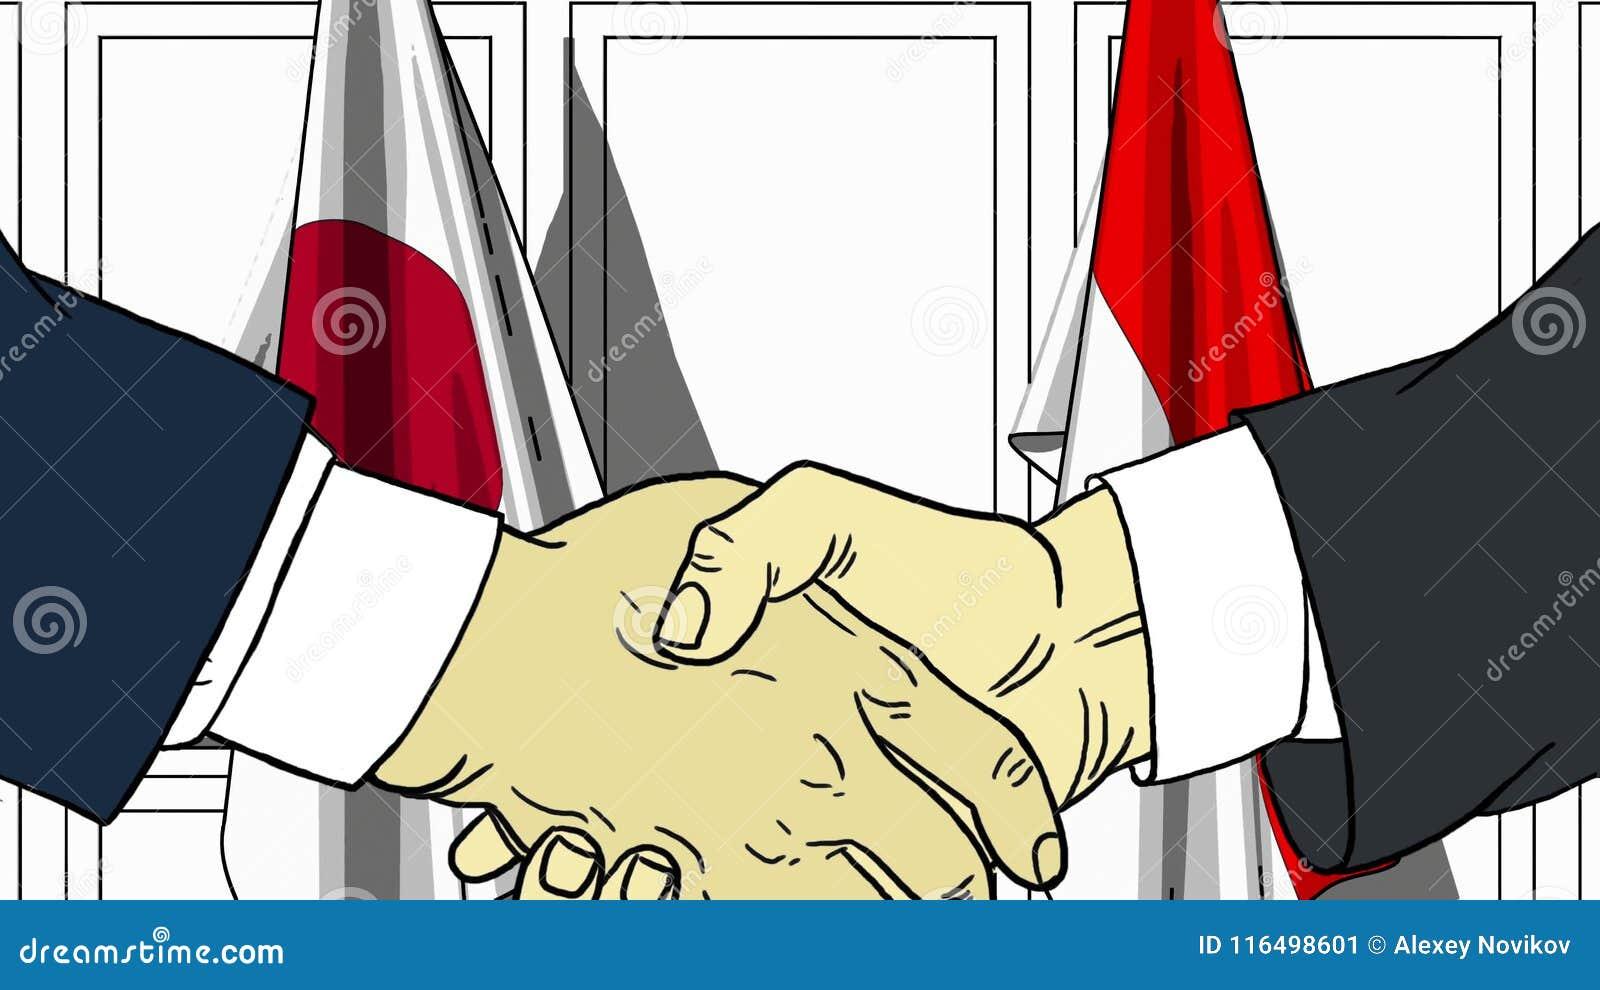 Zakenlieden of politici die handen schudden tegen vlaggen van Japan en Indonesië Vergadering of samenwerking verwant beeldverhaal